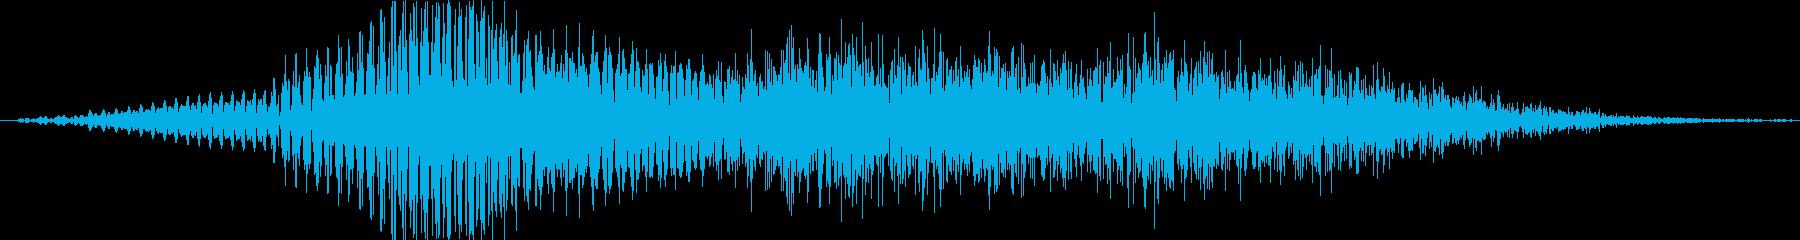 ミスの再生済みの波形